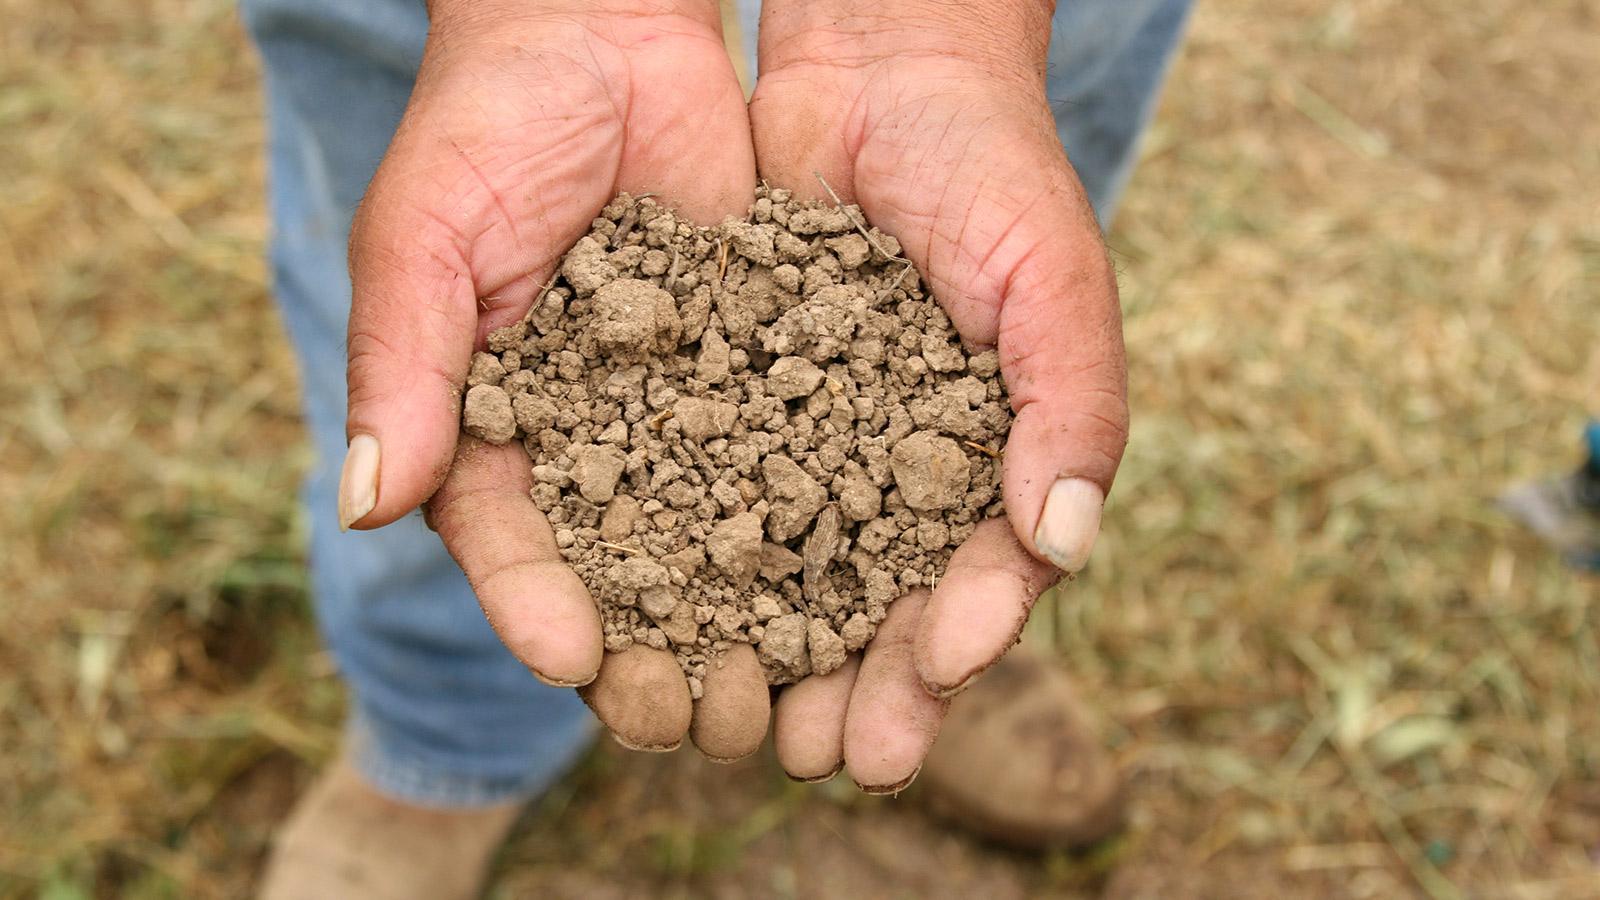 Vineyard worker's hands